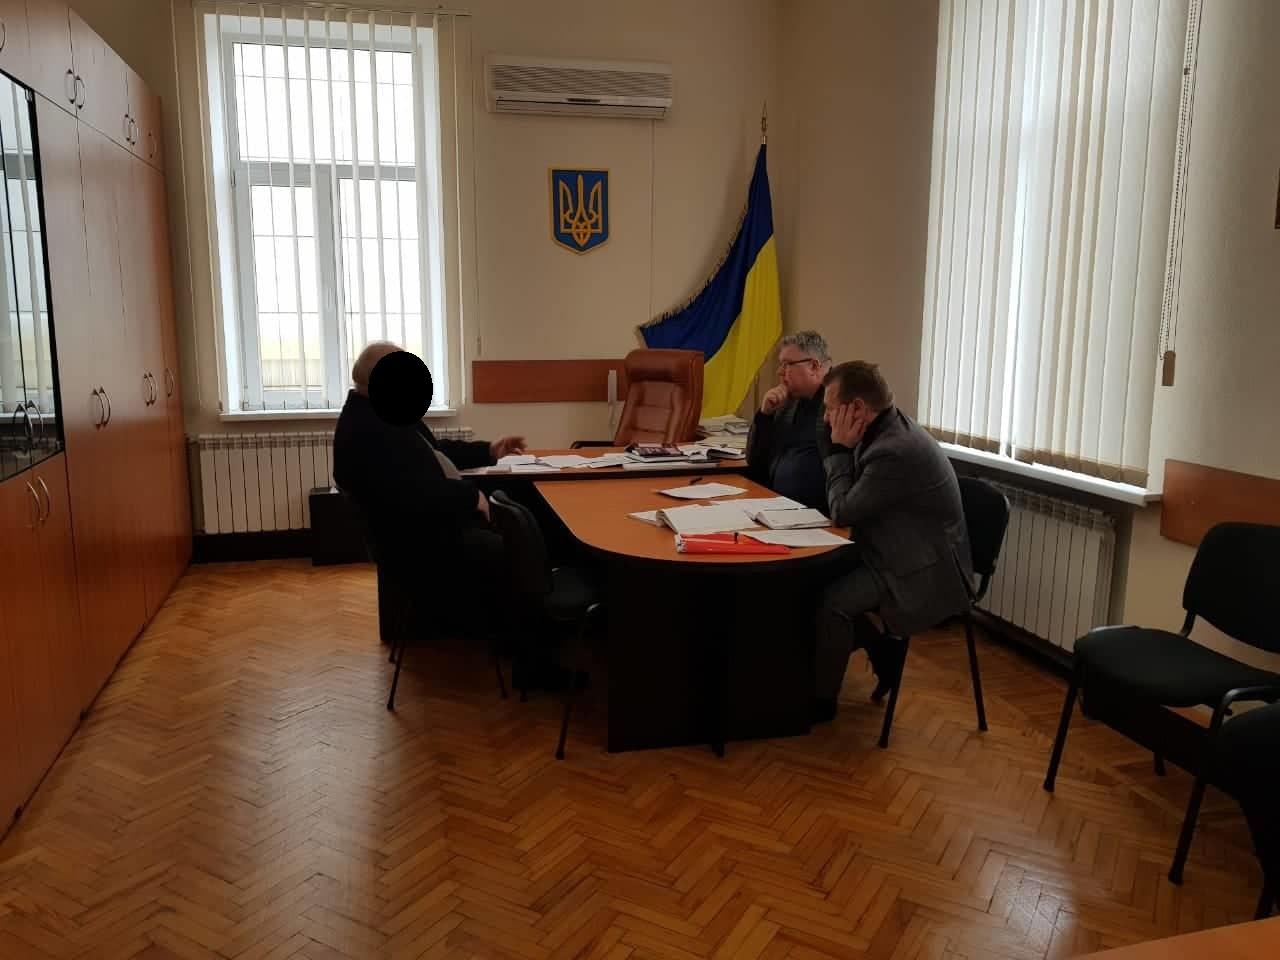 Главе запорожского села вручили подозрение в растрате бюджетных средств при газификации села